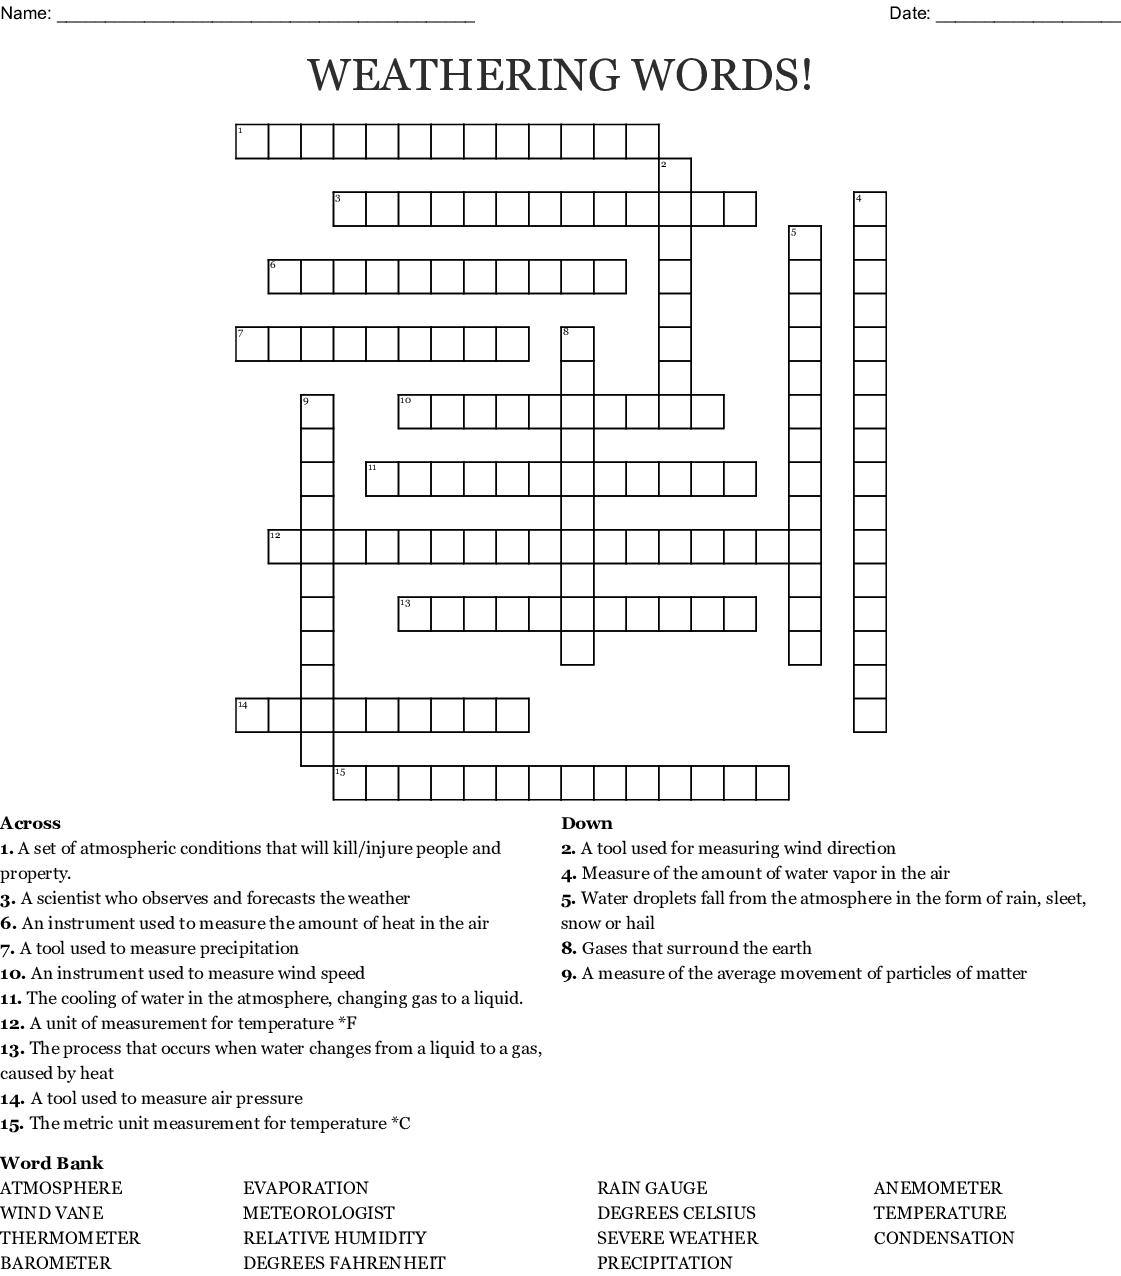 Weathering Words Crossword